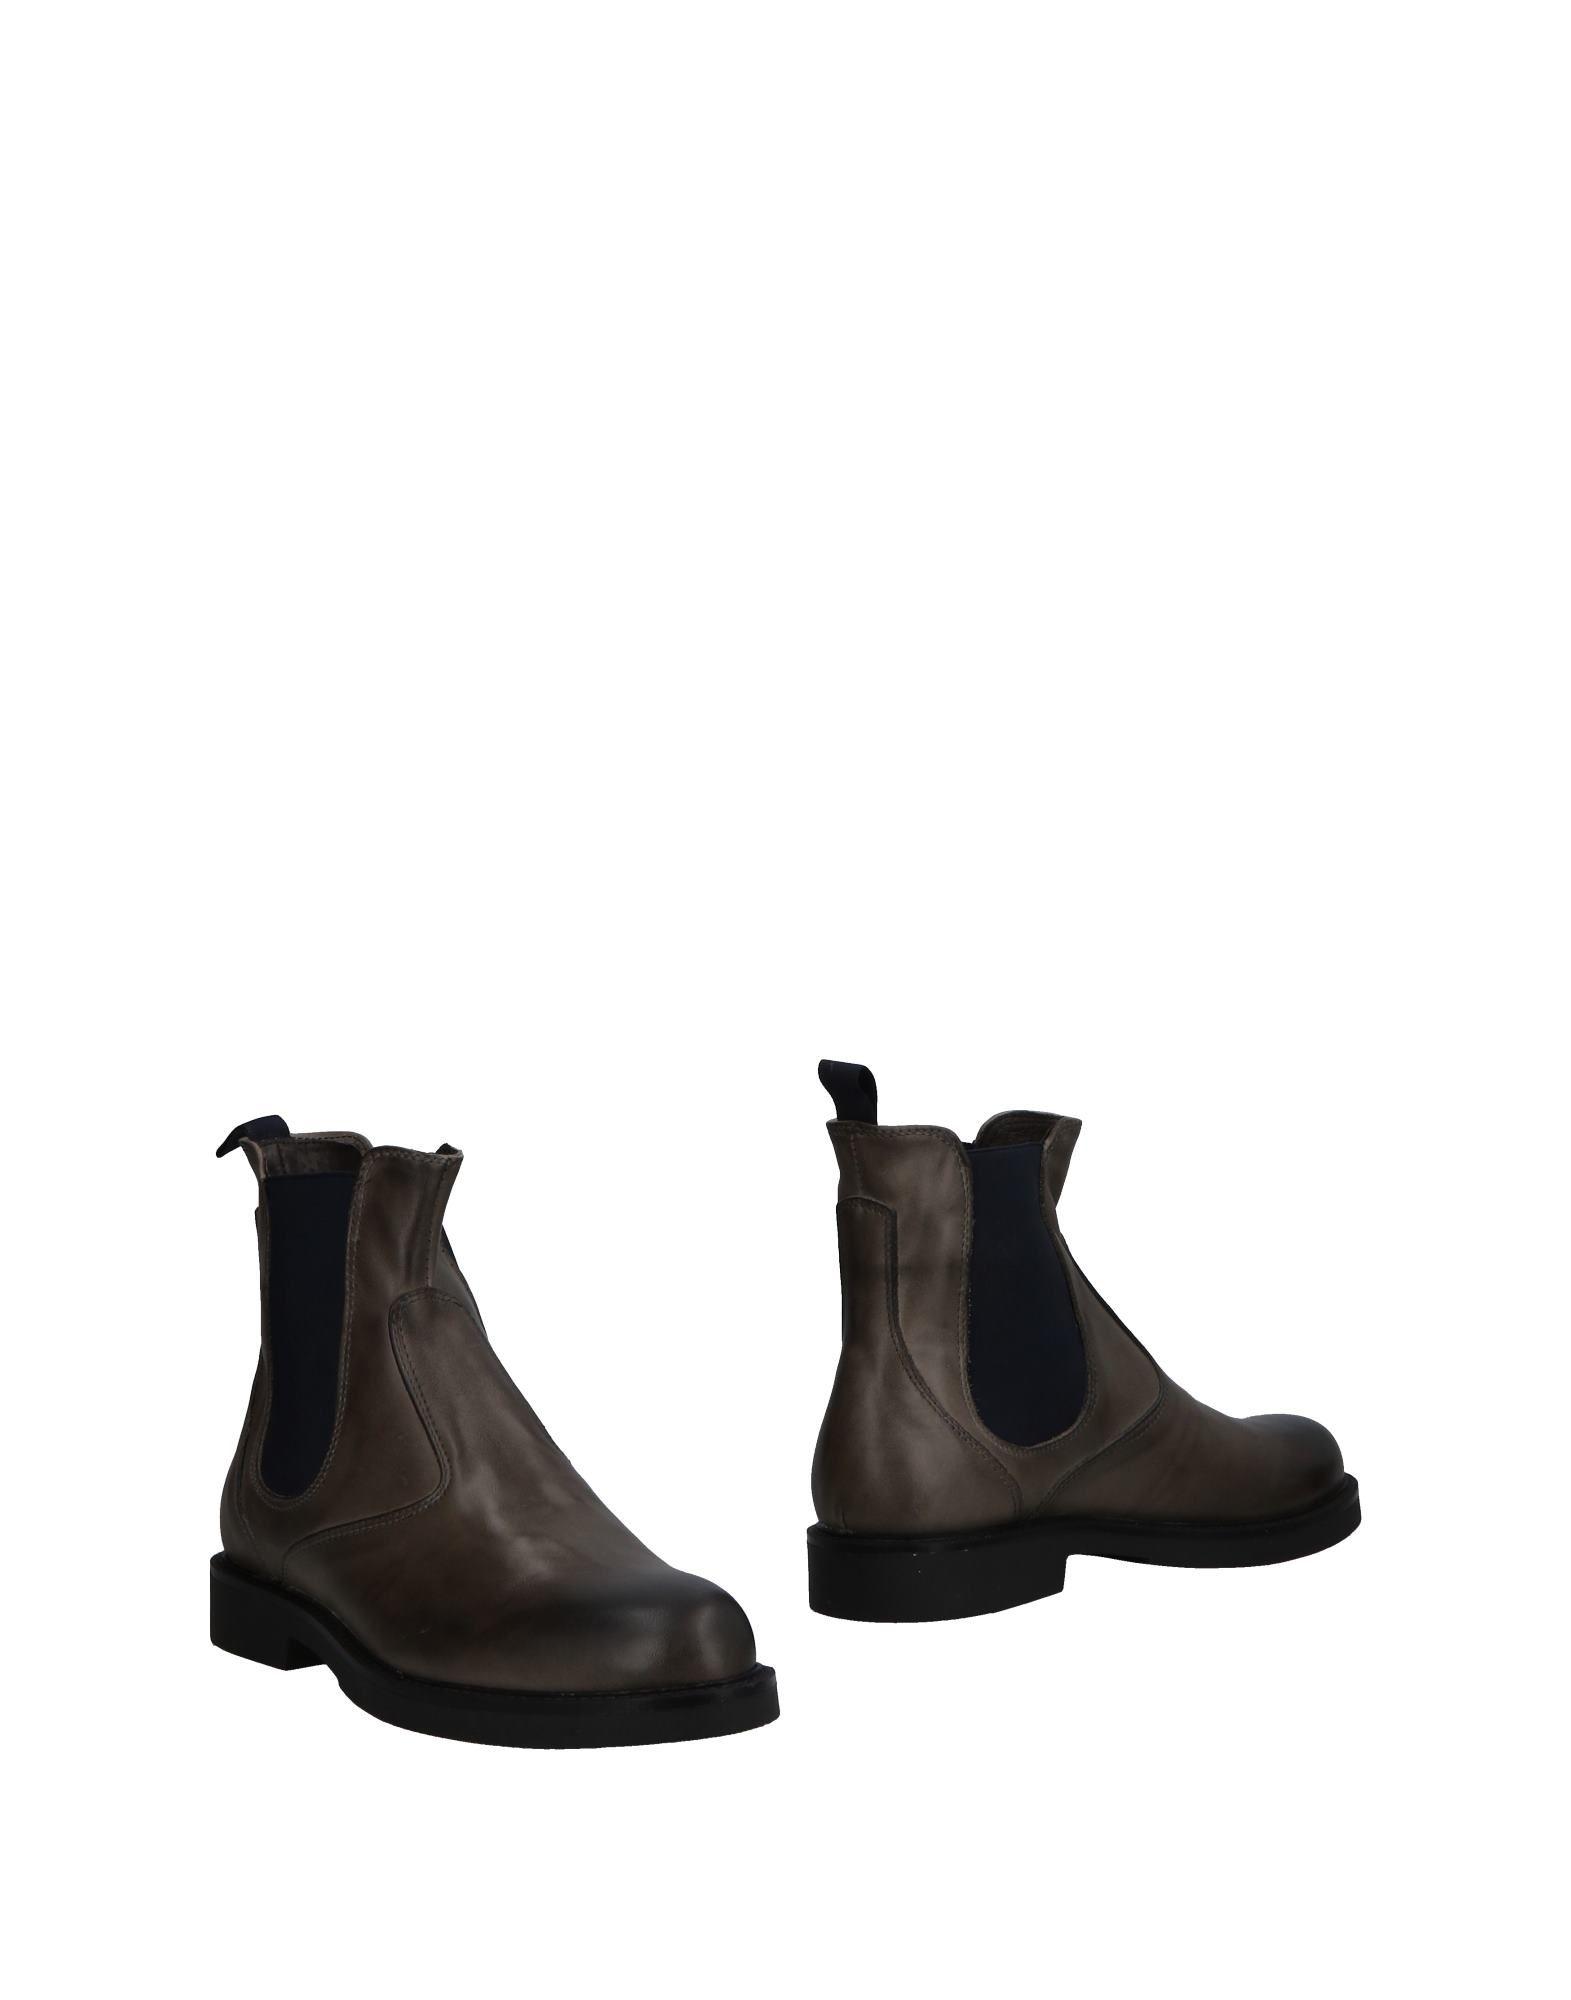 Sartoria Italiana Stiefelette Herren  11498196OE Gute Qualität beliebte Schuhe